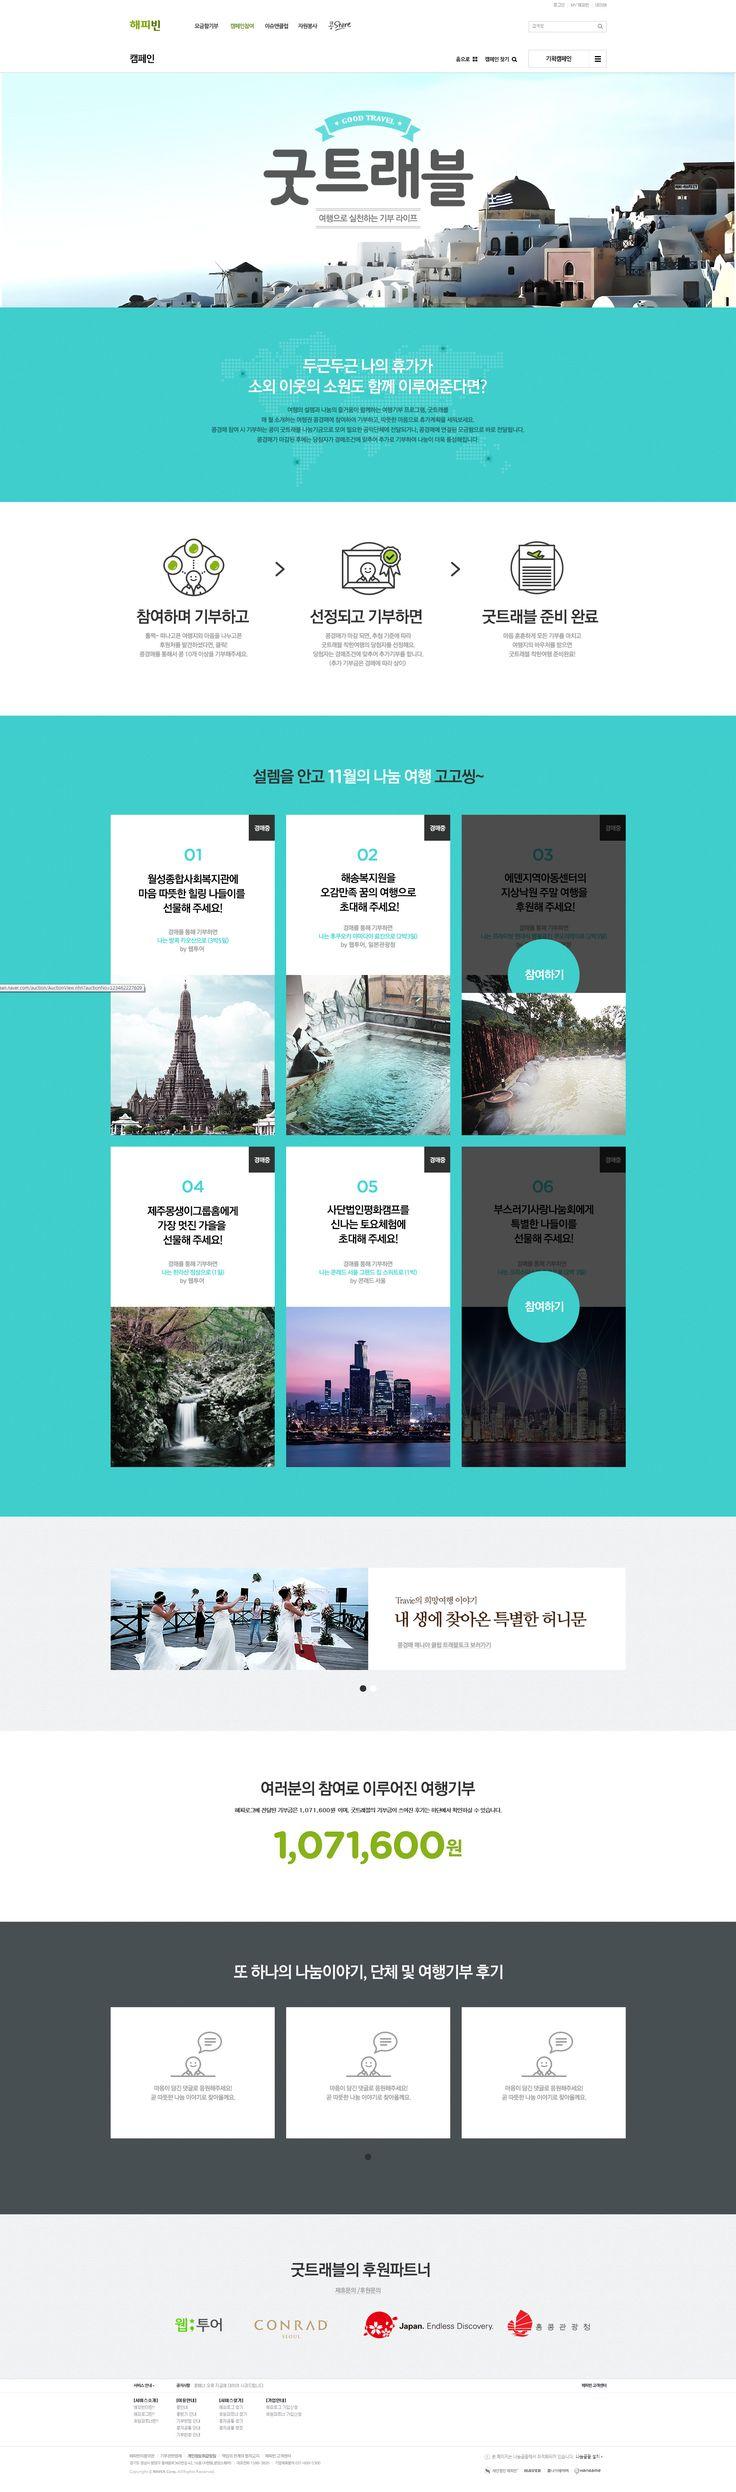 네이버 굿트레블 캠페인 // Hi Friends, look what I just found on #web #design! Make sure to…